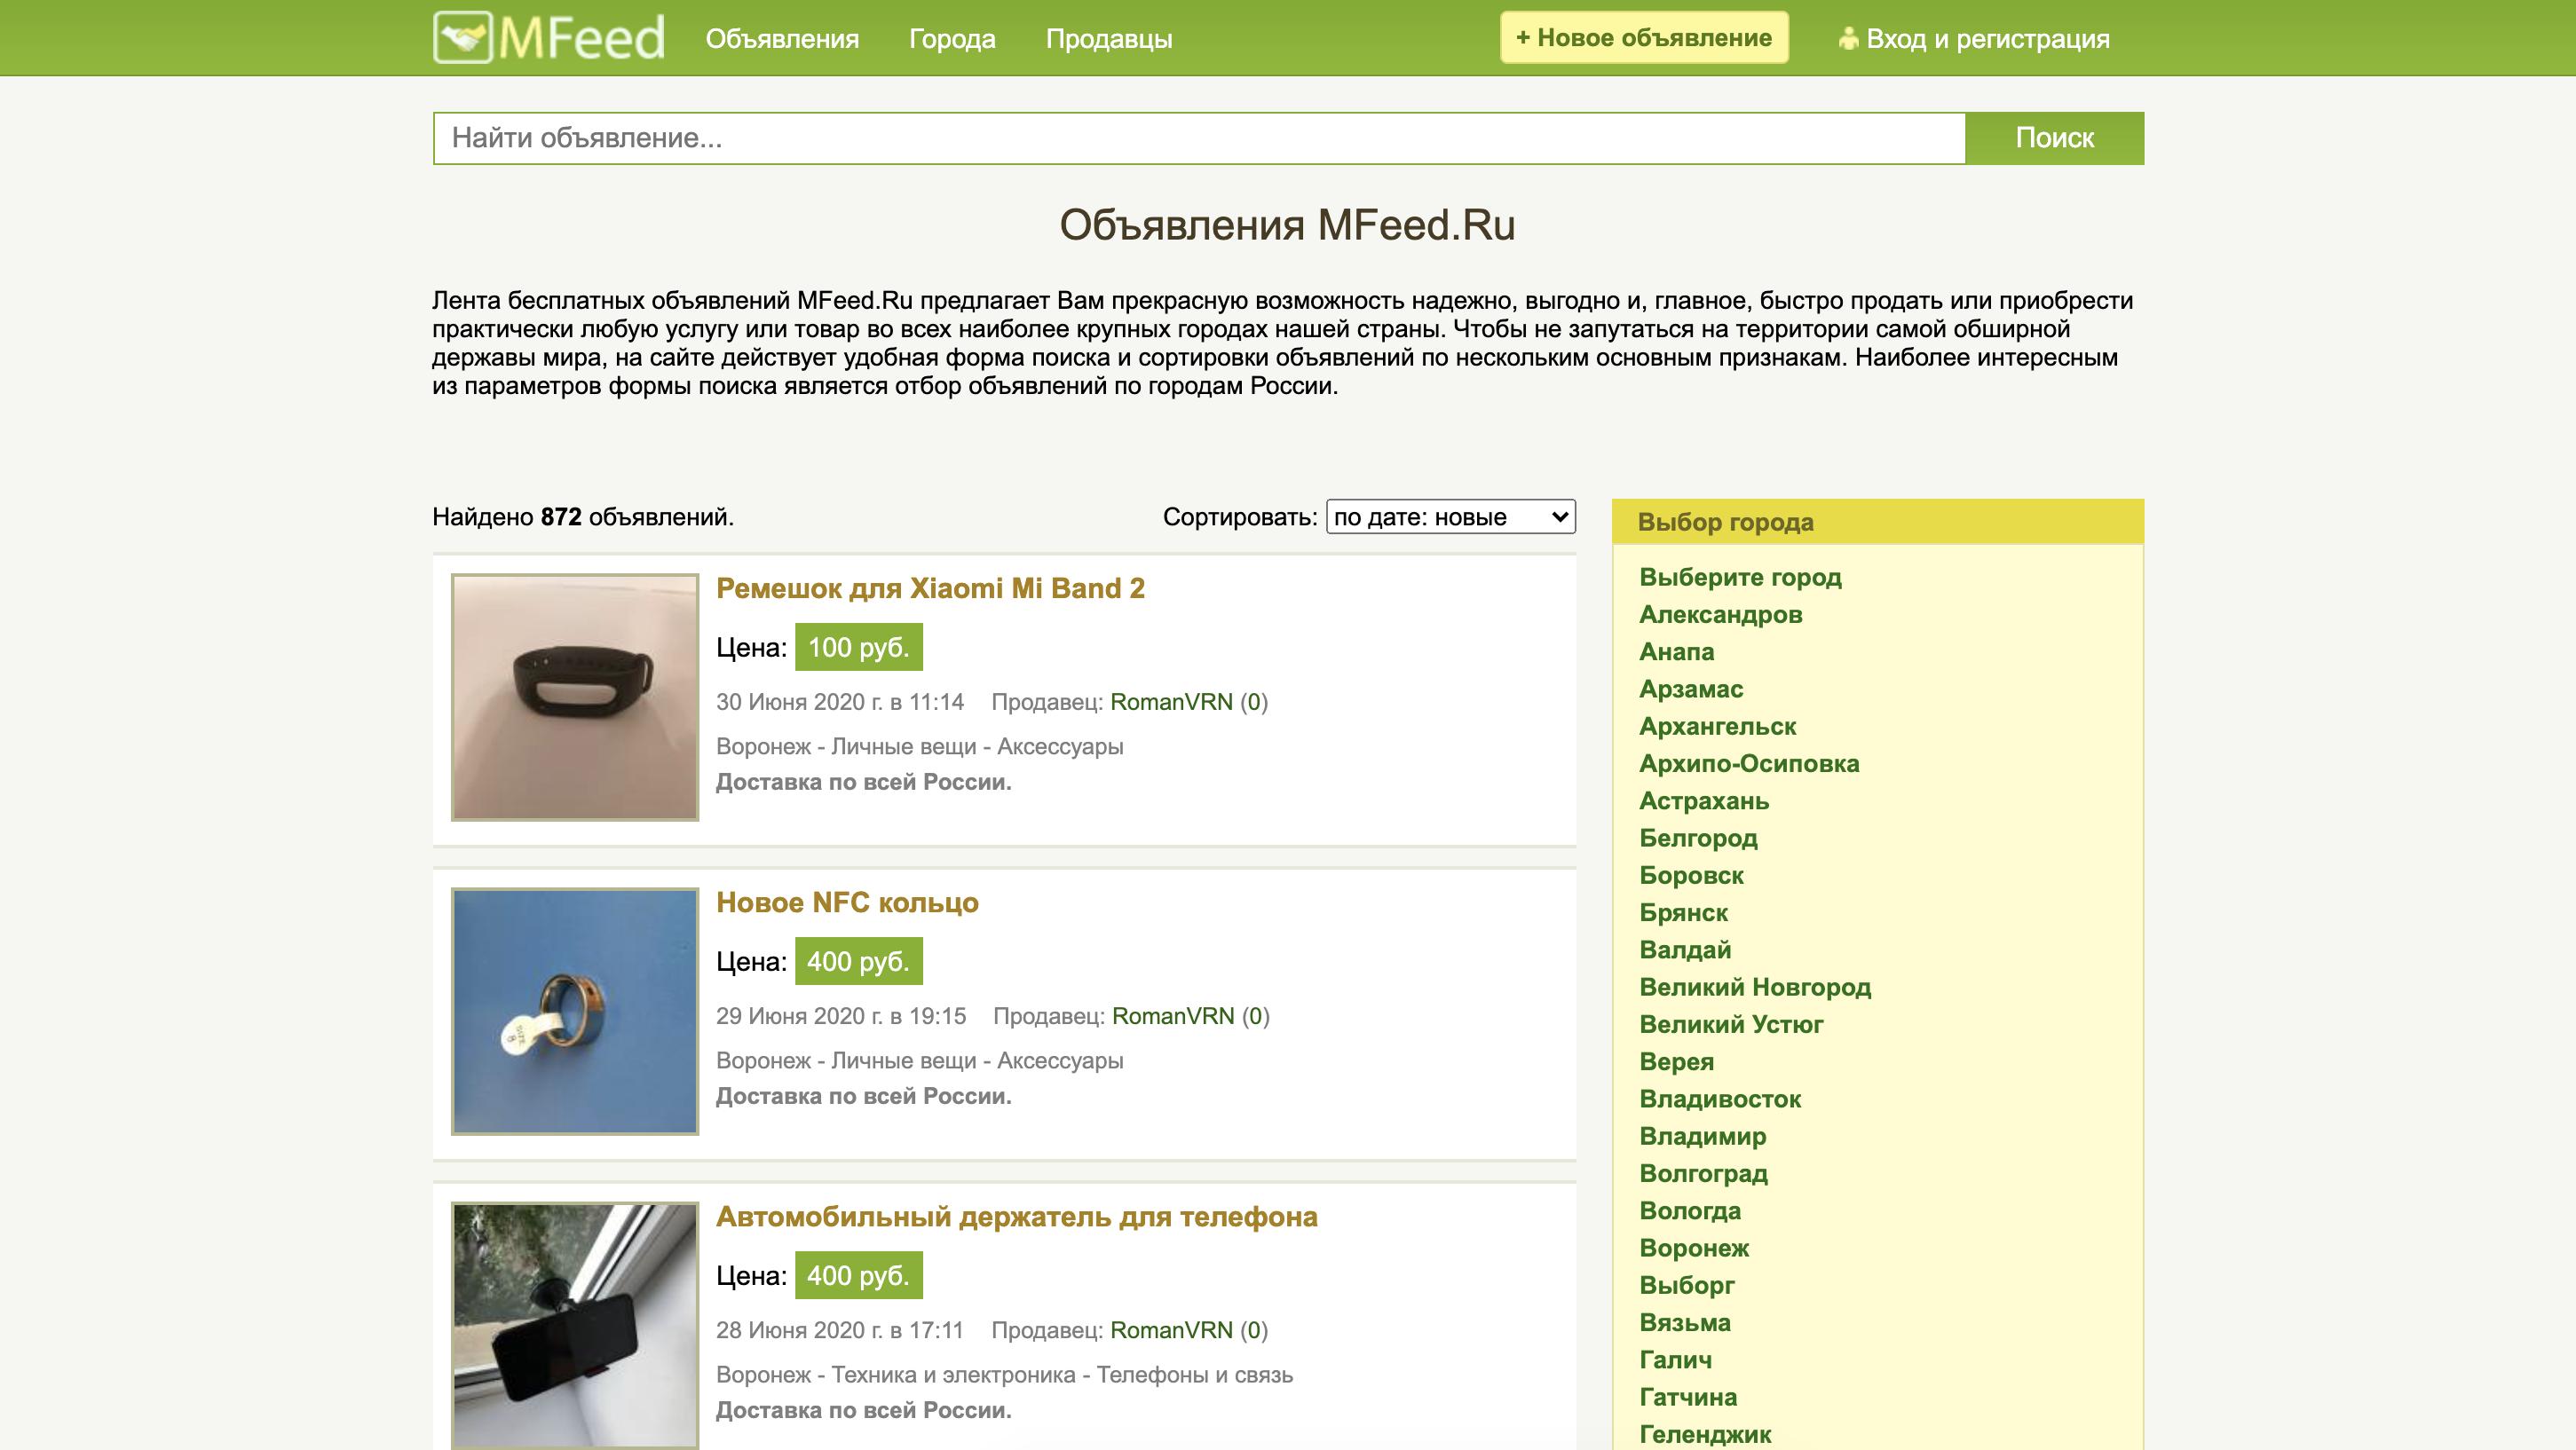 Дизайн MFeed (Макет и HTML+CSS верстка) купить